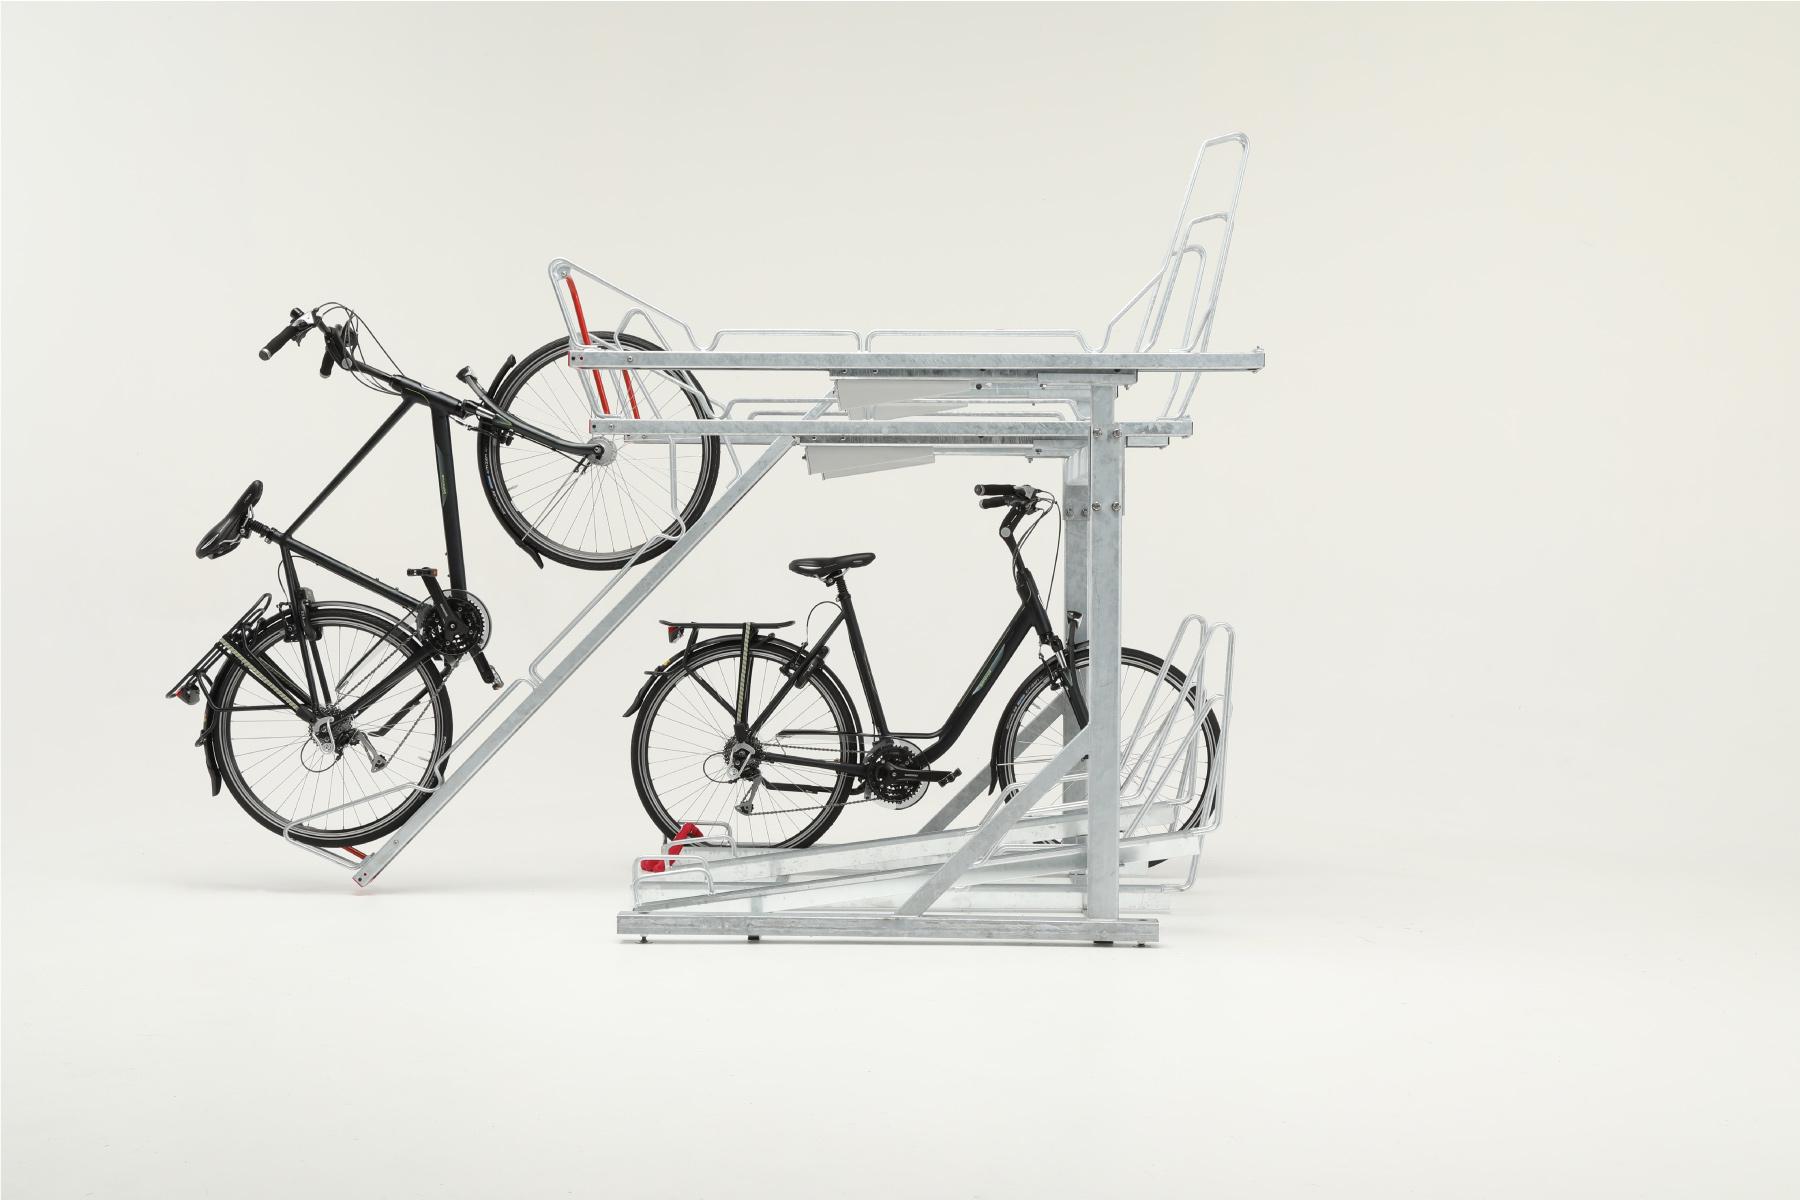 Cyklos OPTIMA kaksikerros pyöräteline. 2-kerros teline runkolukituksella kuumasinkittynä tai maalattuna, kuva sivulta